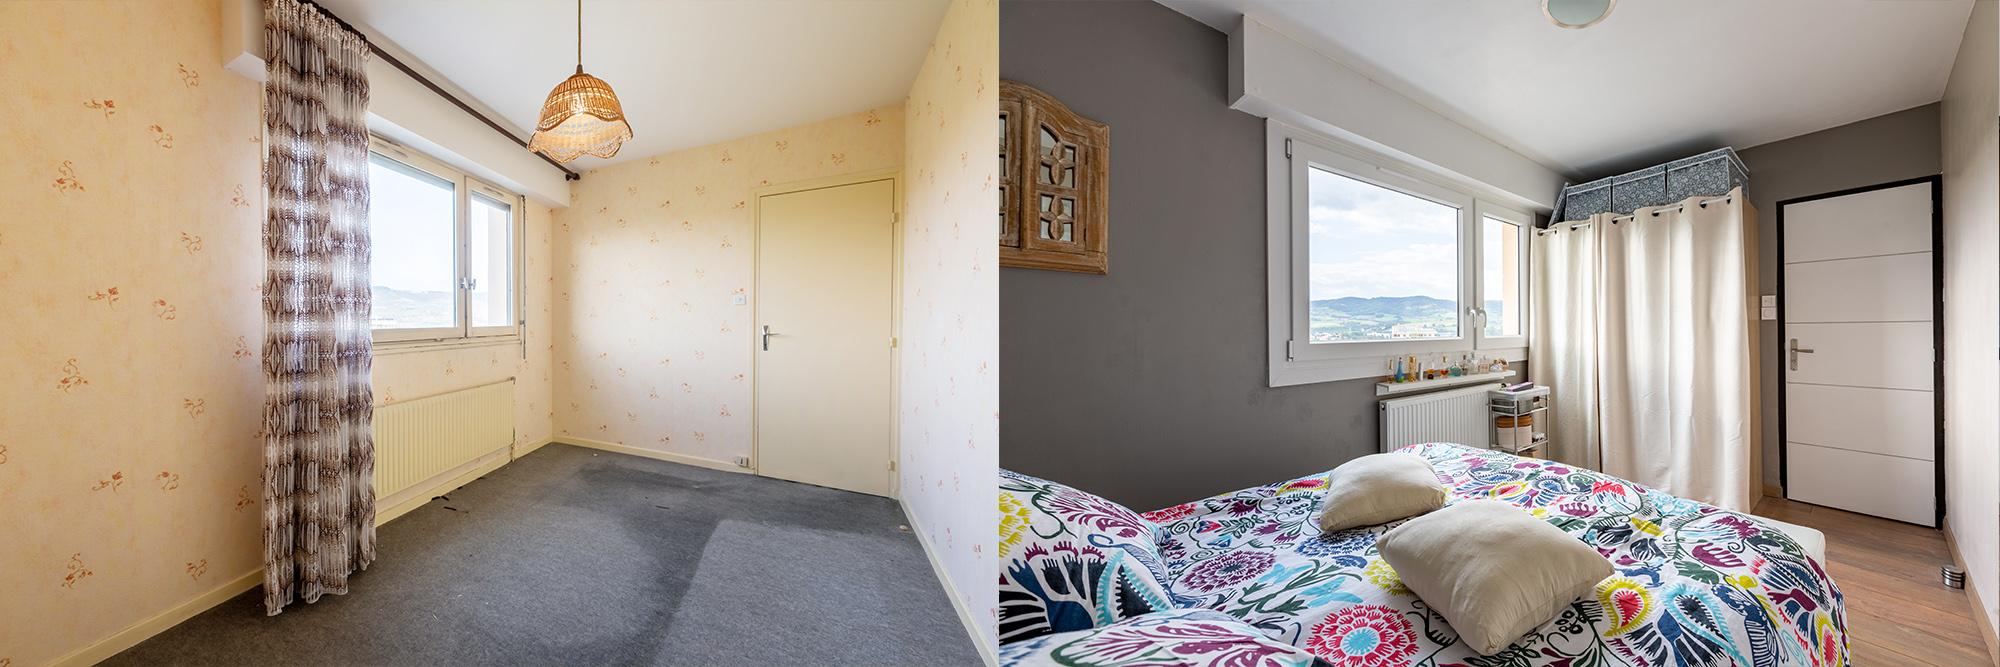 appartement-travaux-avant-apres-chambre